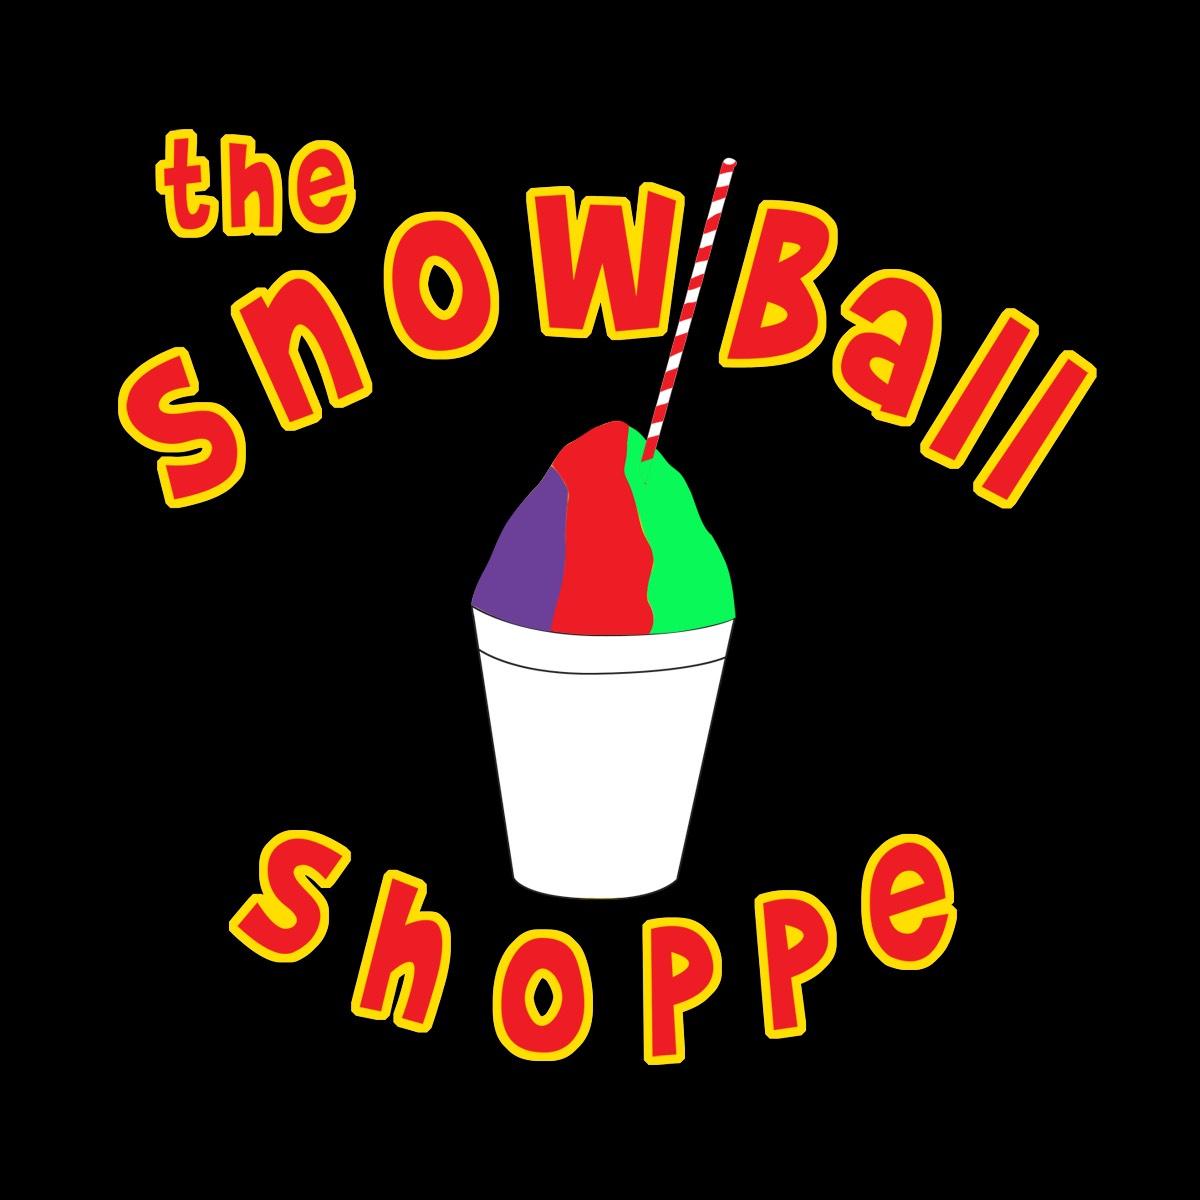 Snowbalshoplogoyelo1200 2